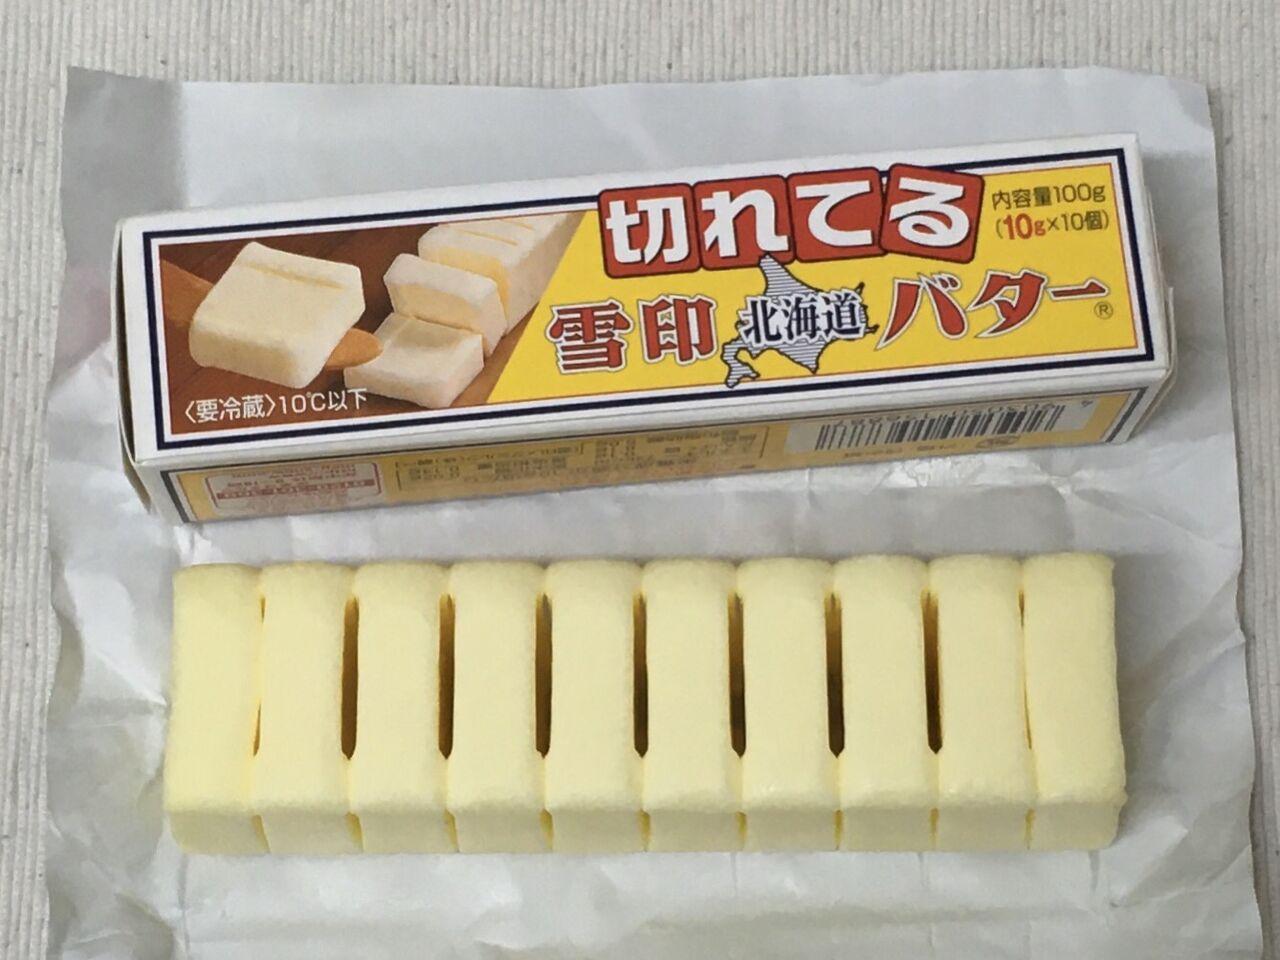 雪印メグミルク『切れてるバター』。[20.07.30.Thur.] : 玲奈のフォトブック。